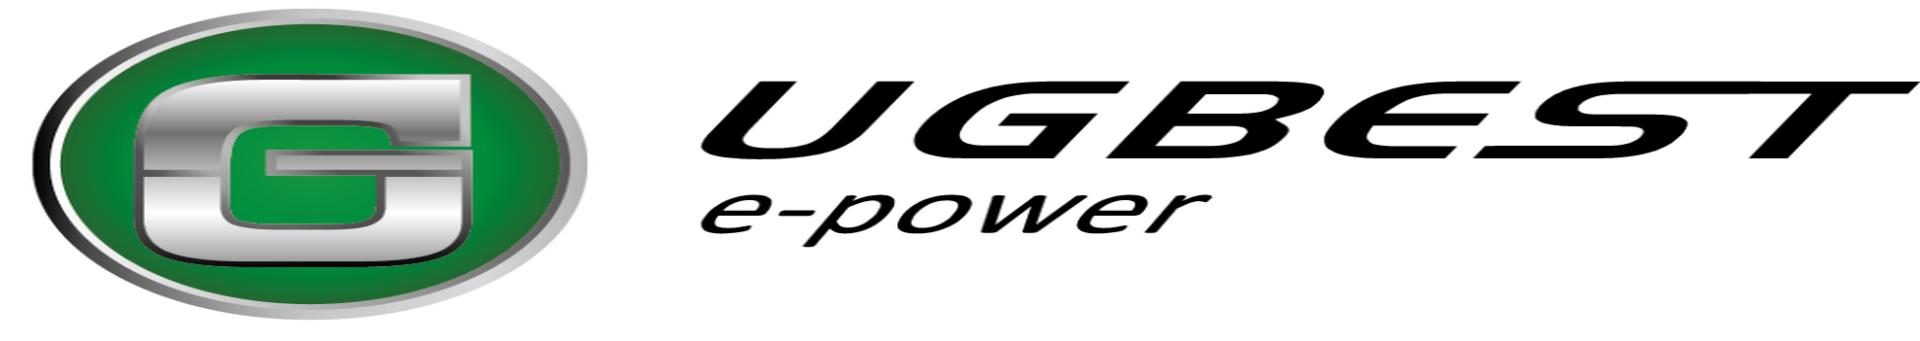 ugbest_logo_h